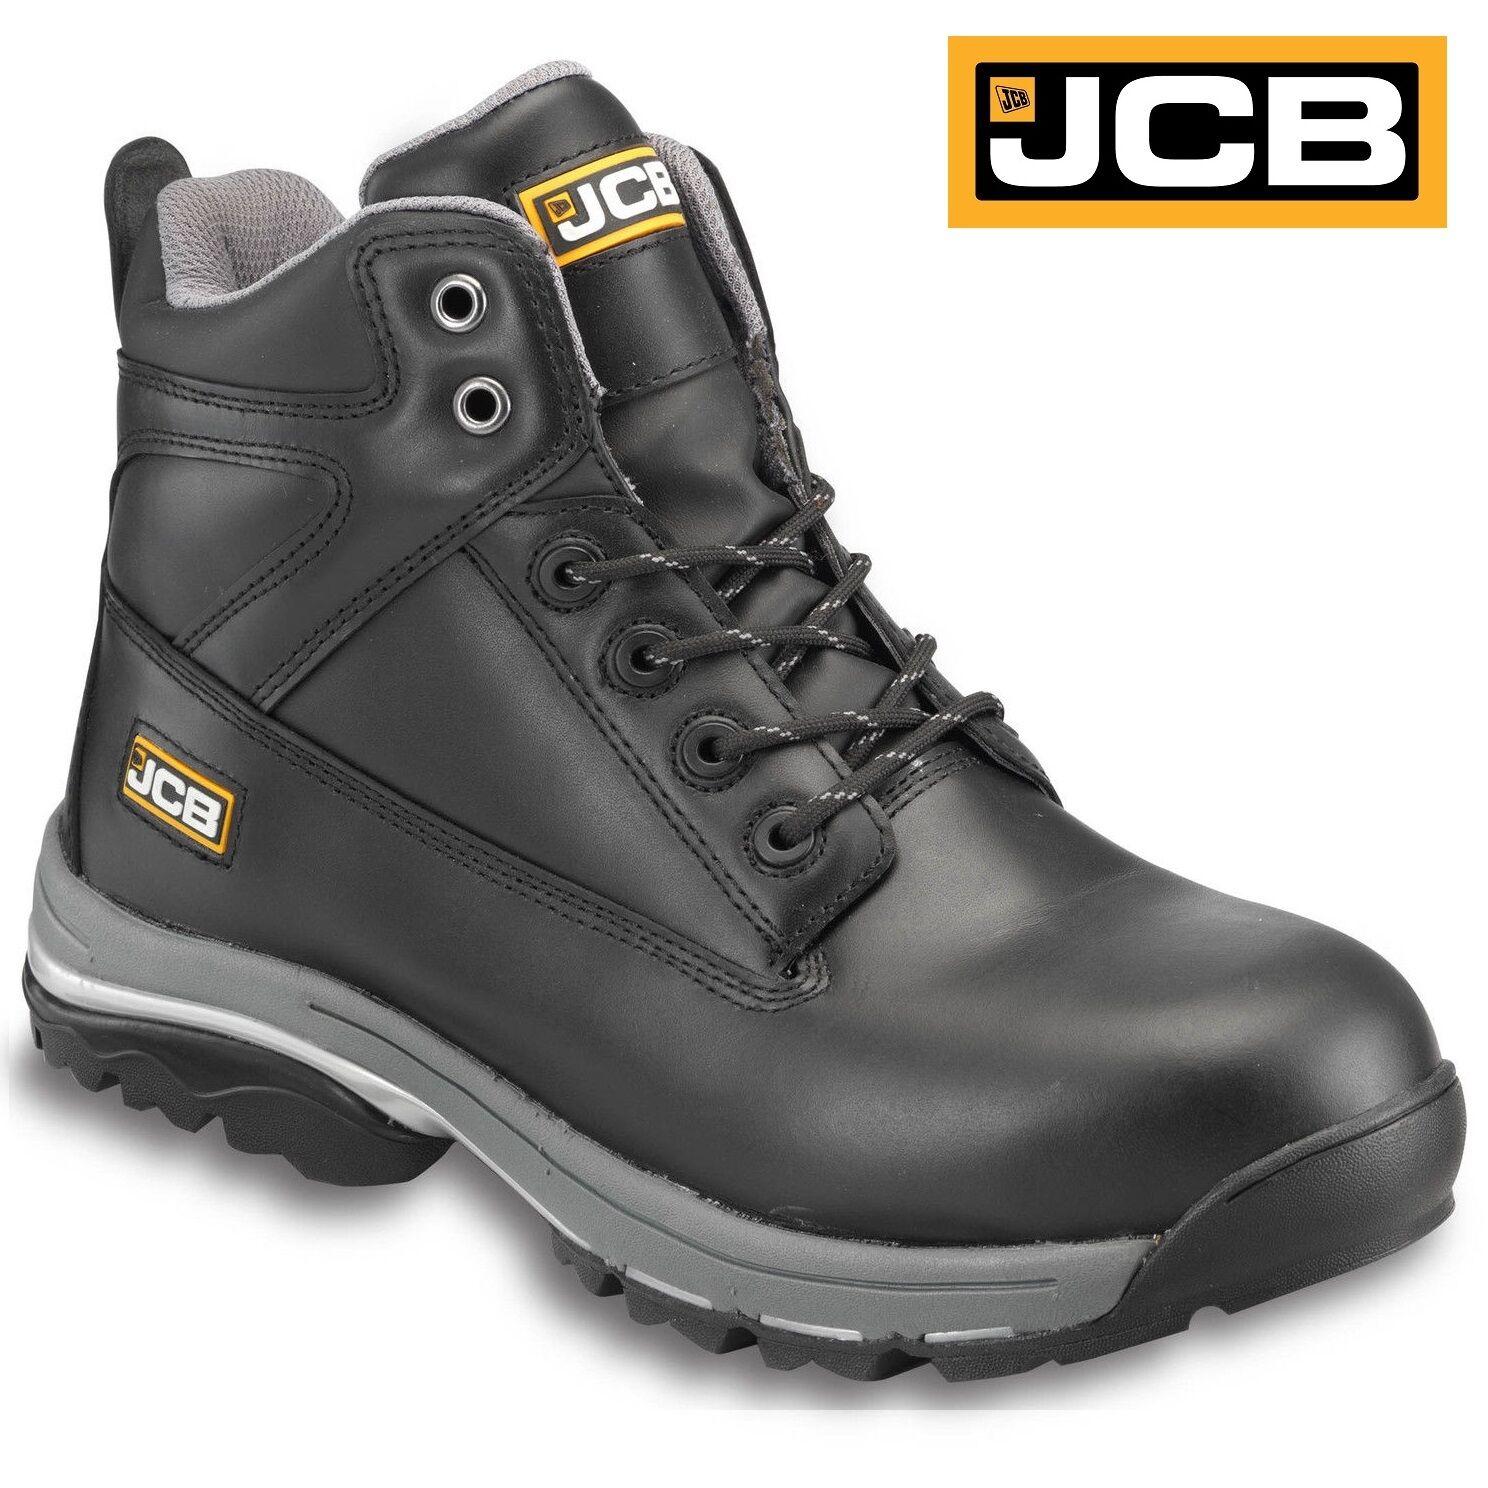 modelo más vendido de la marca Para hombres Cuero Impermeable seguridad jcb Workmax S1P Botas De Trabajo Puntera De Acero Zapatos Talla